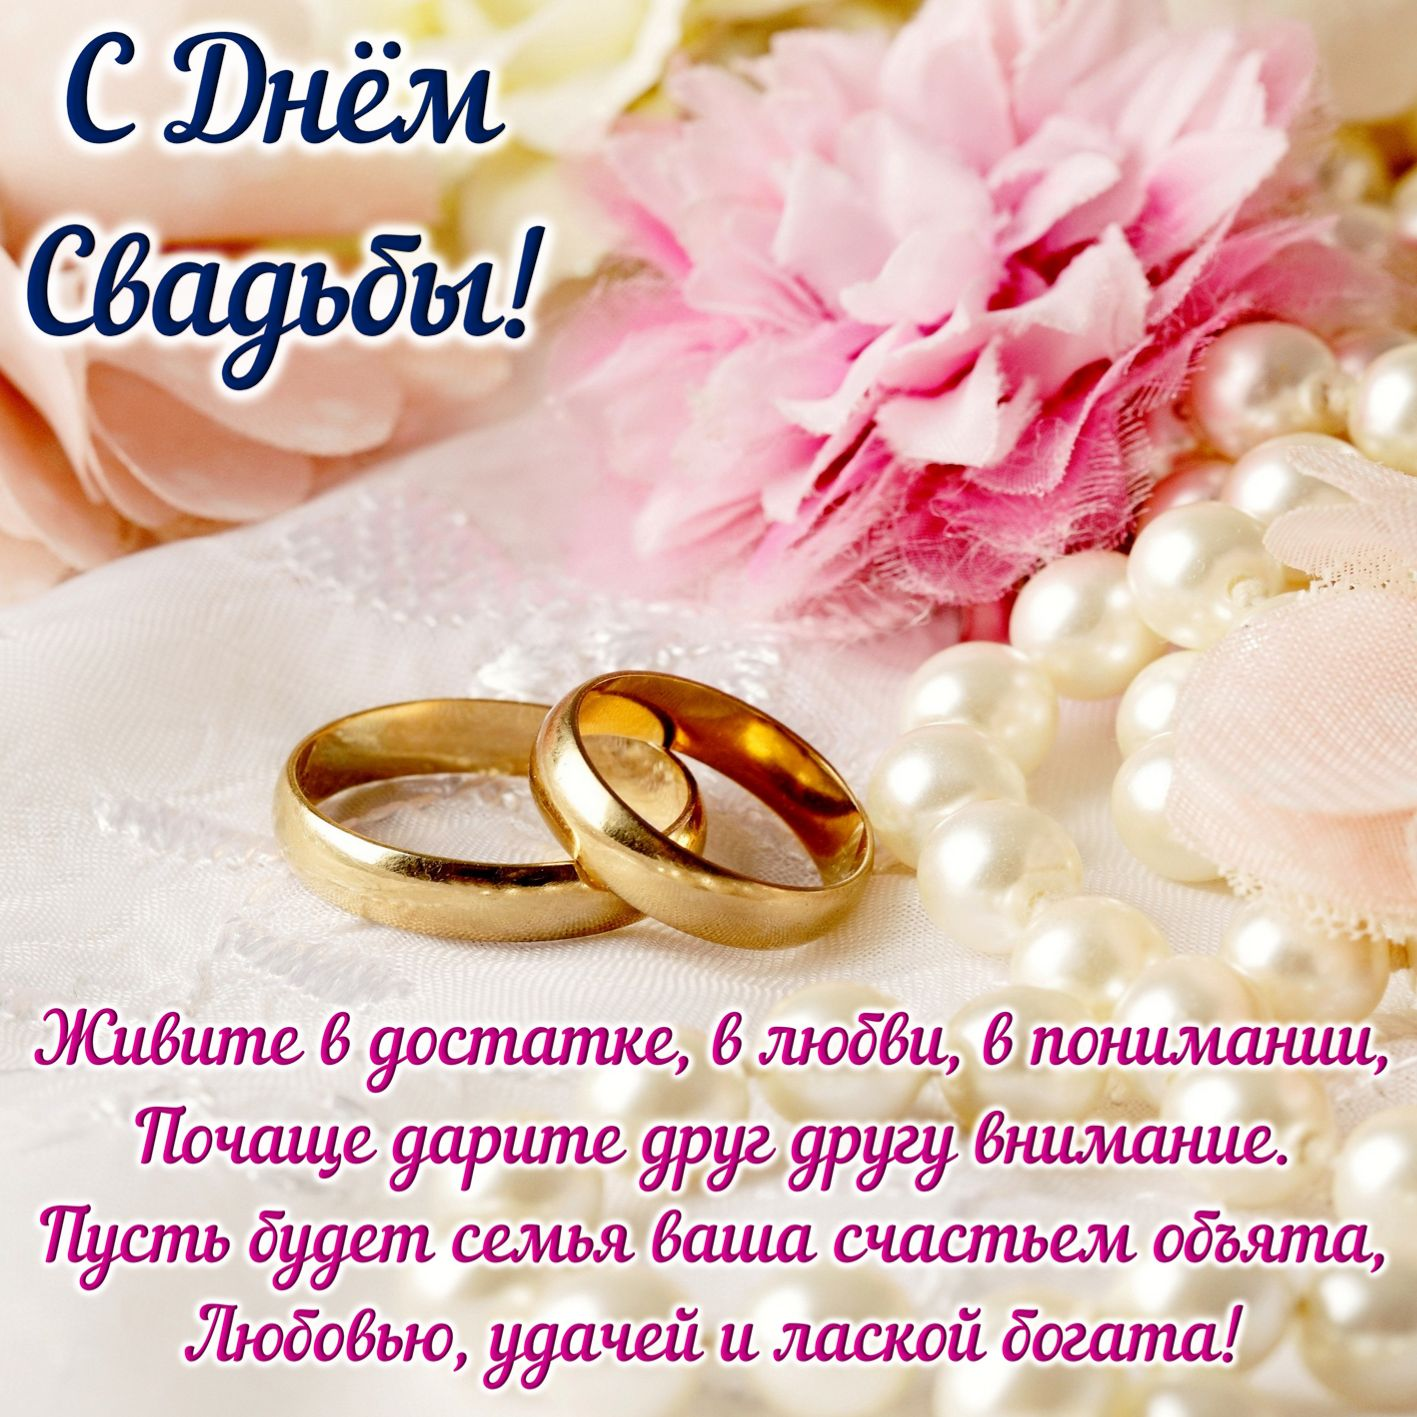 Оригинальные стихи поздравления с днем свадьбы